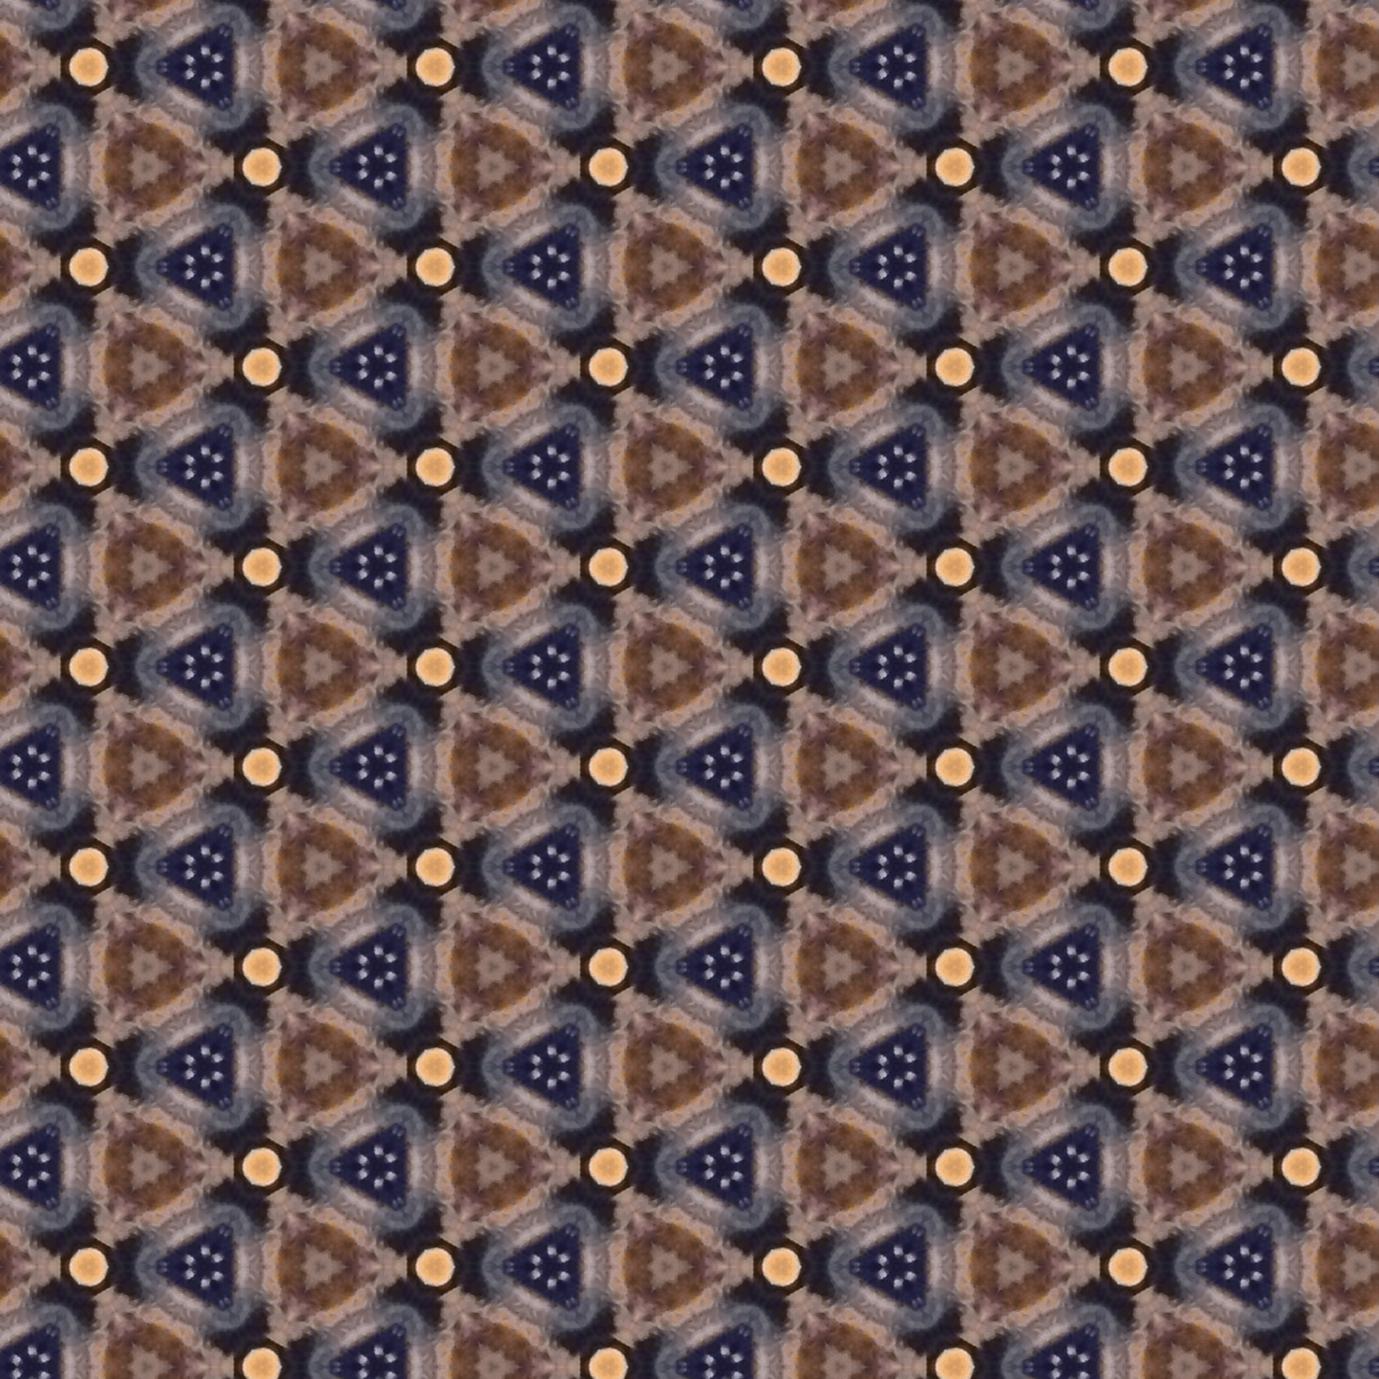 Fabric design _8161_13i